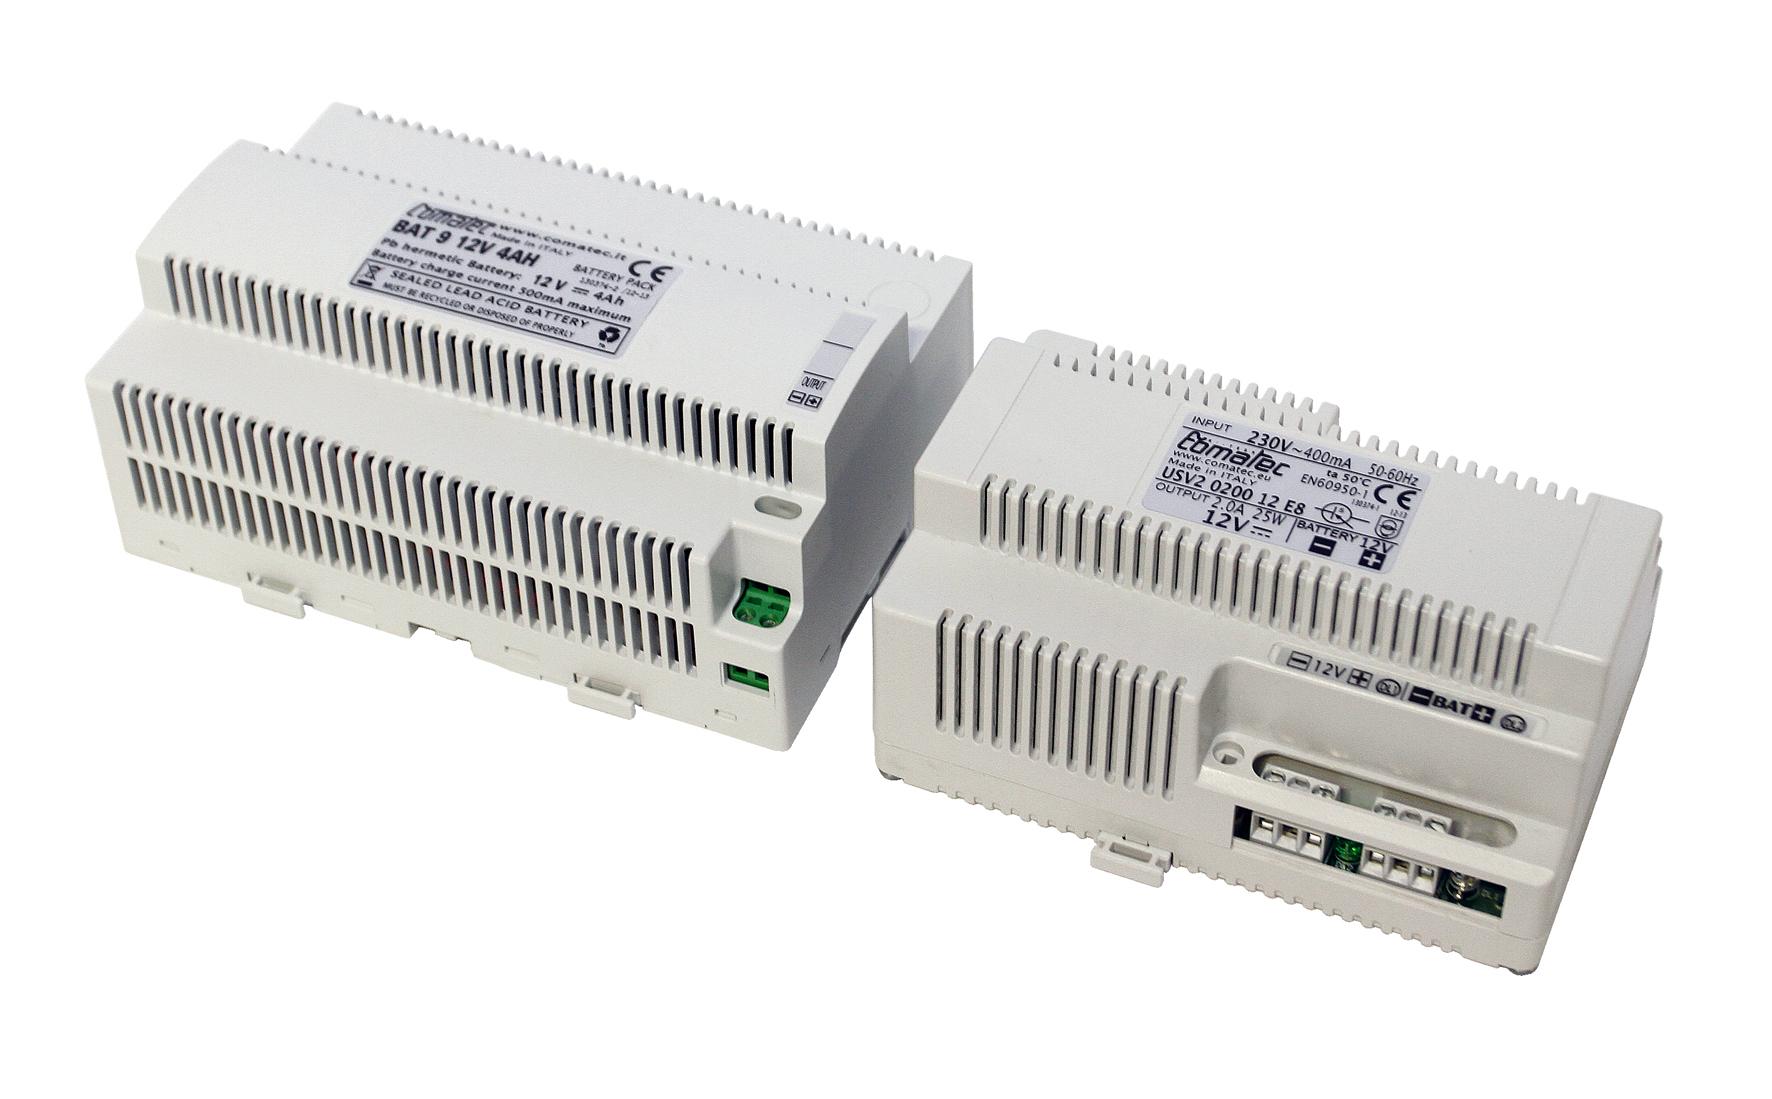 1 Stk ekey USV Reiheneinbau 230VAC/12VDC/4Ah EK101559--